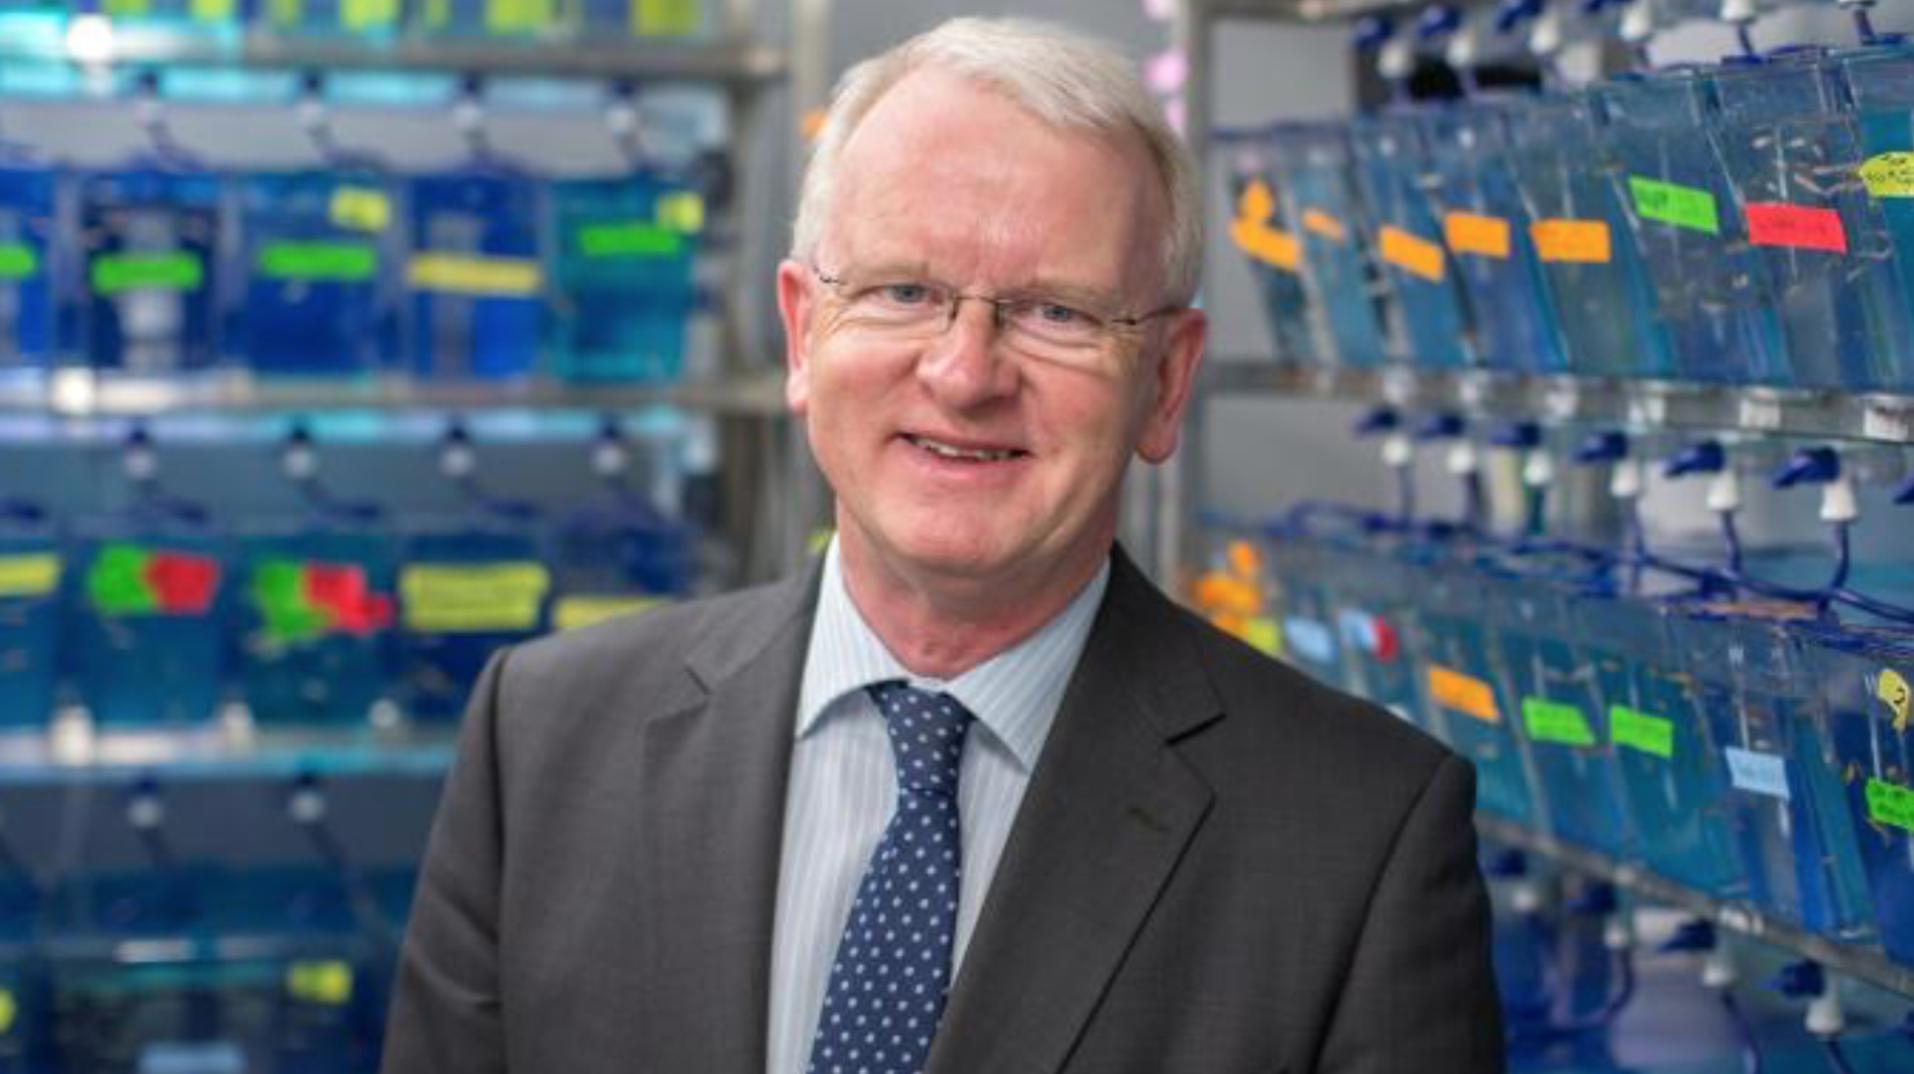 Prof. James Stirling